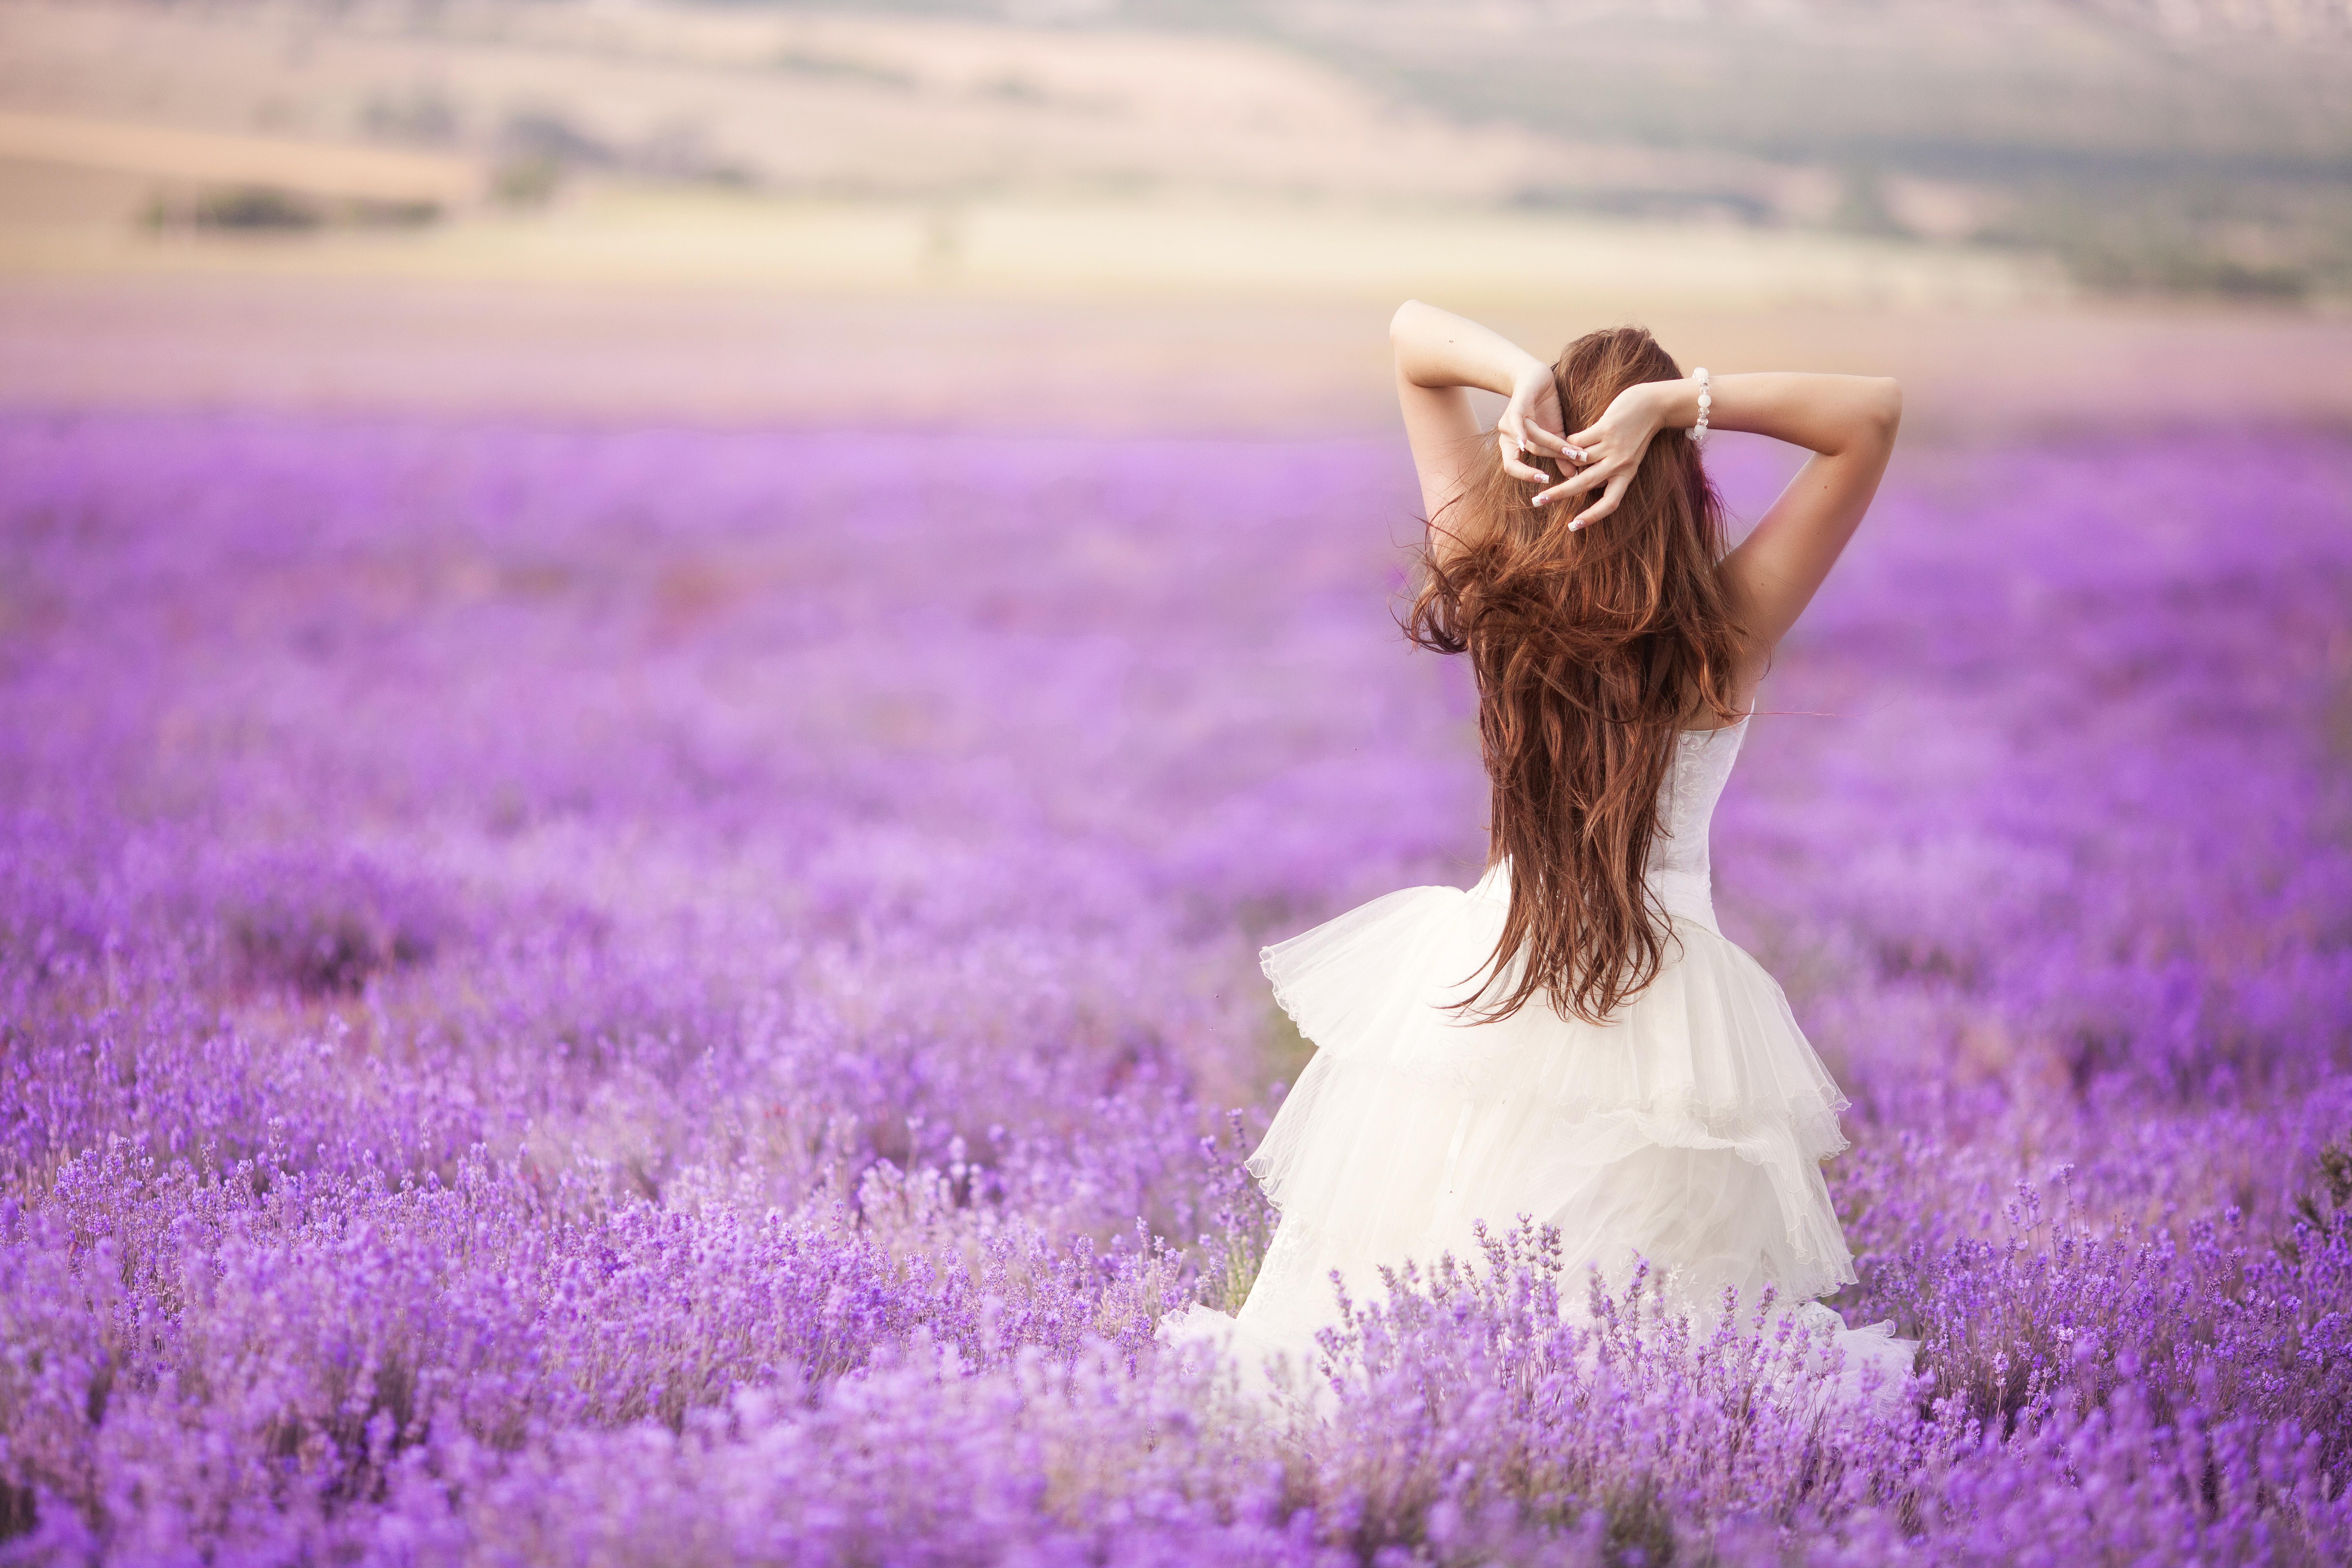 картинки девушек с цветами в руках со спины